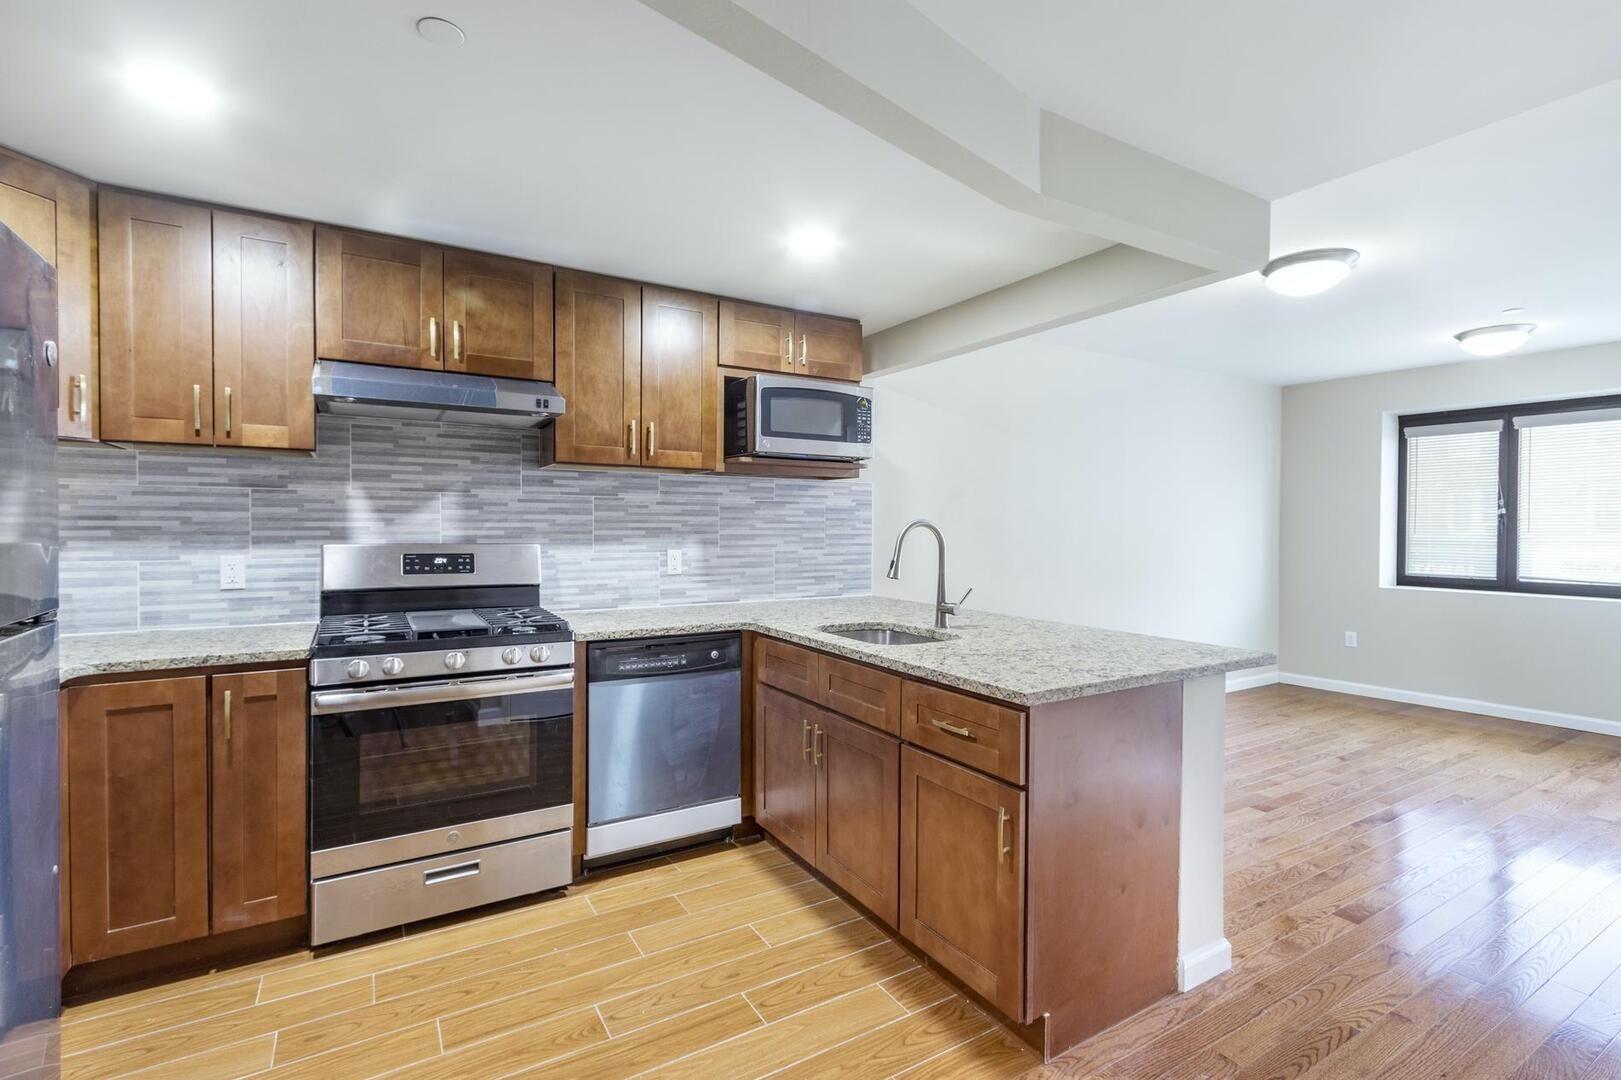 Apartment for sale at 172-18 Jamaica Avenue, Apt 2-B